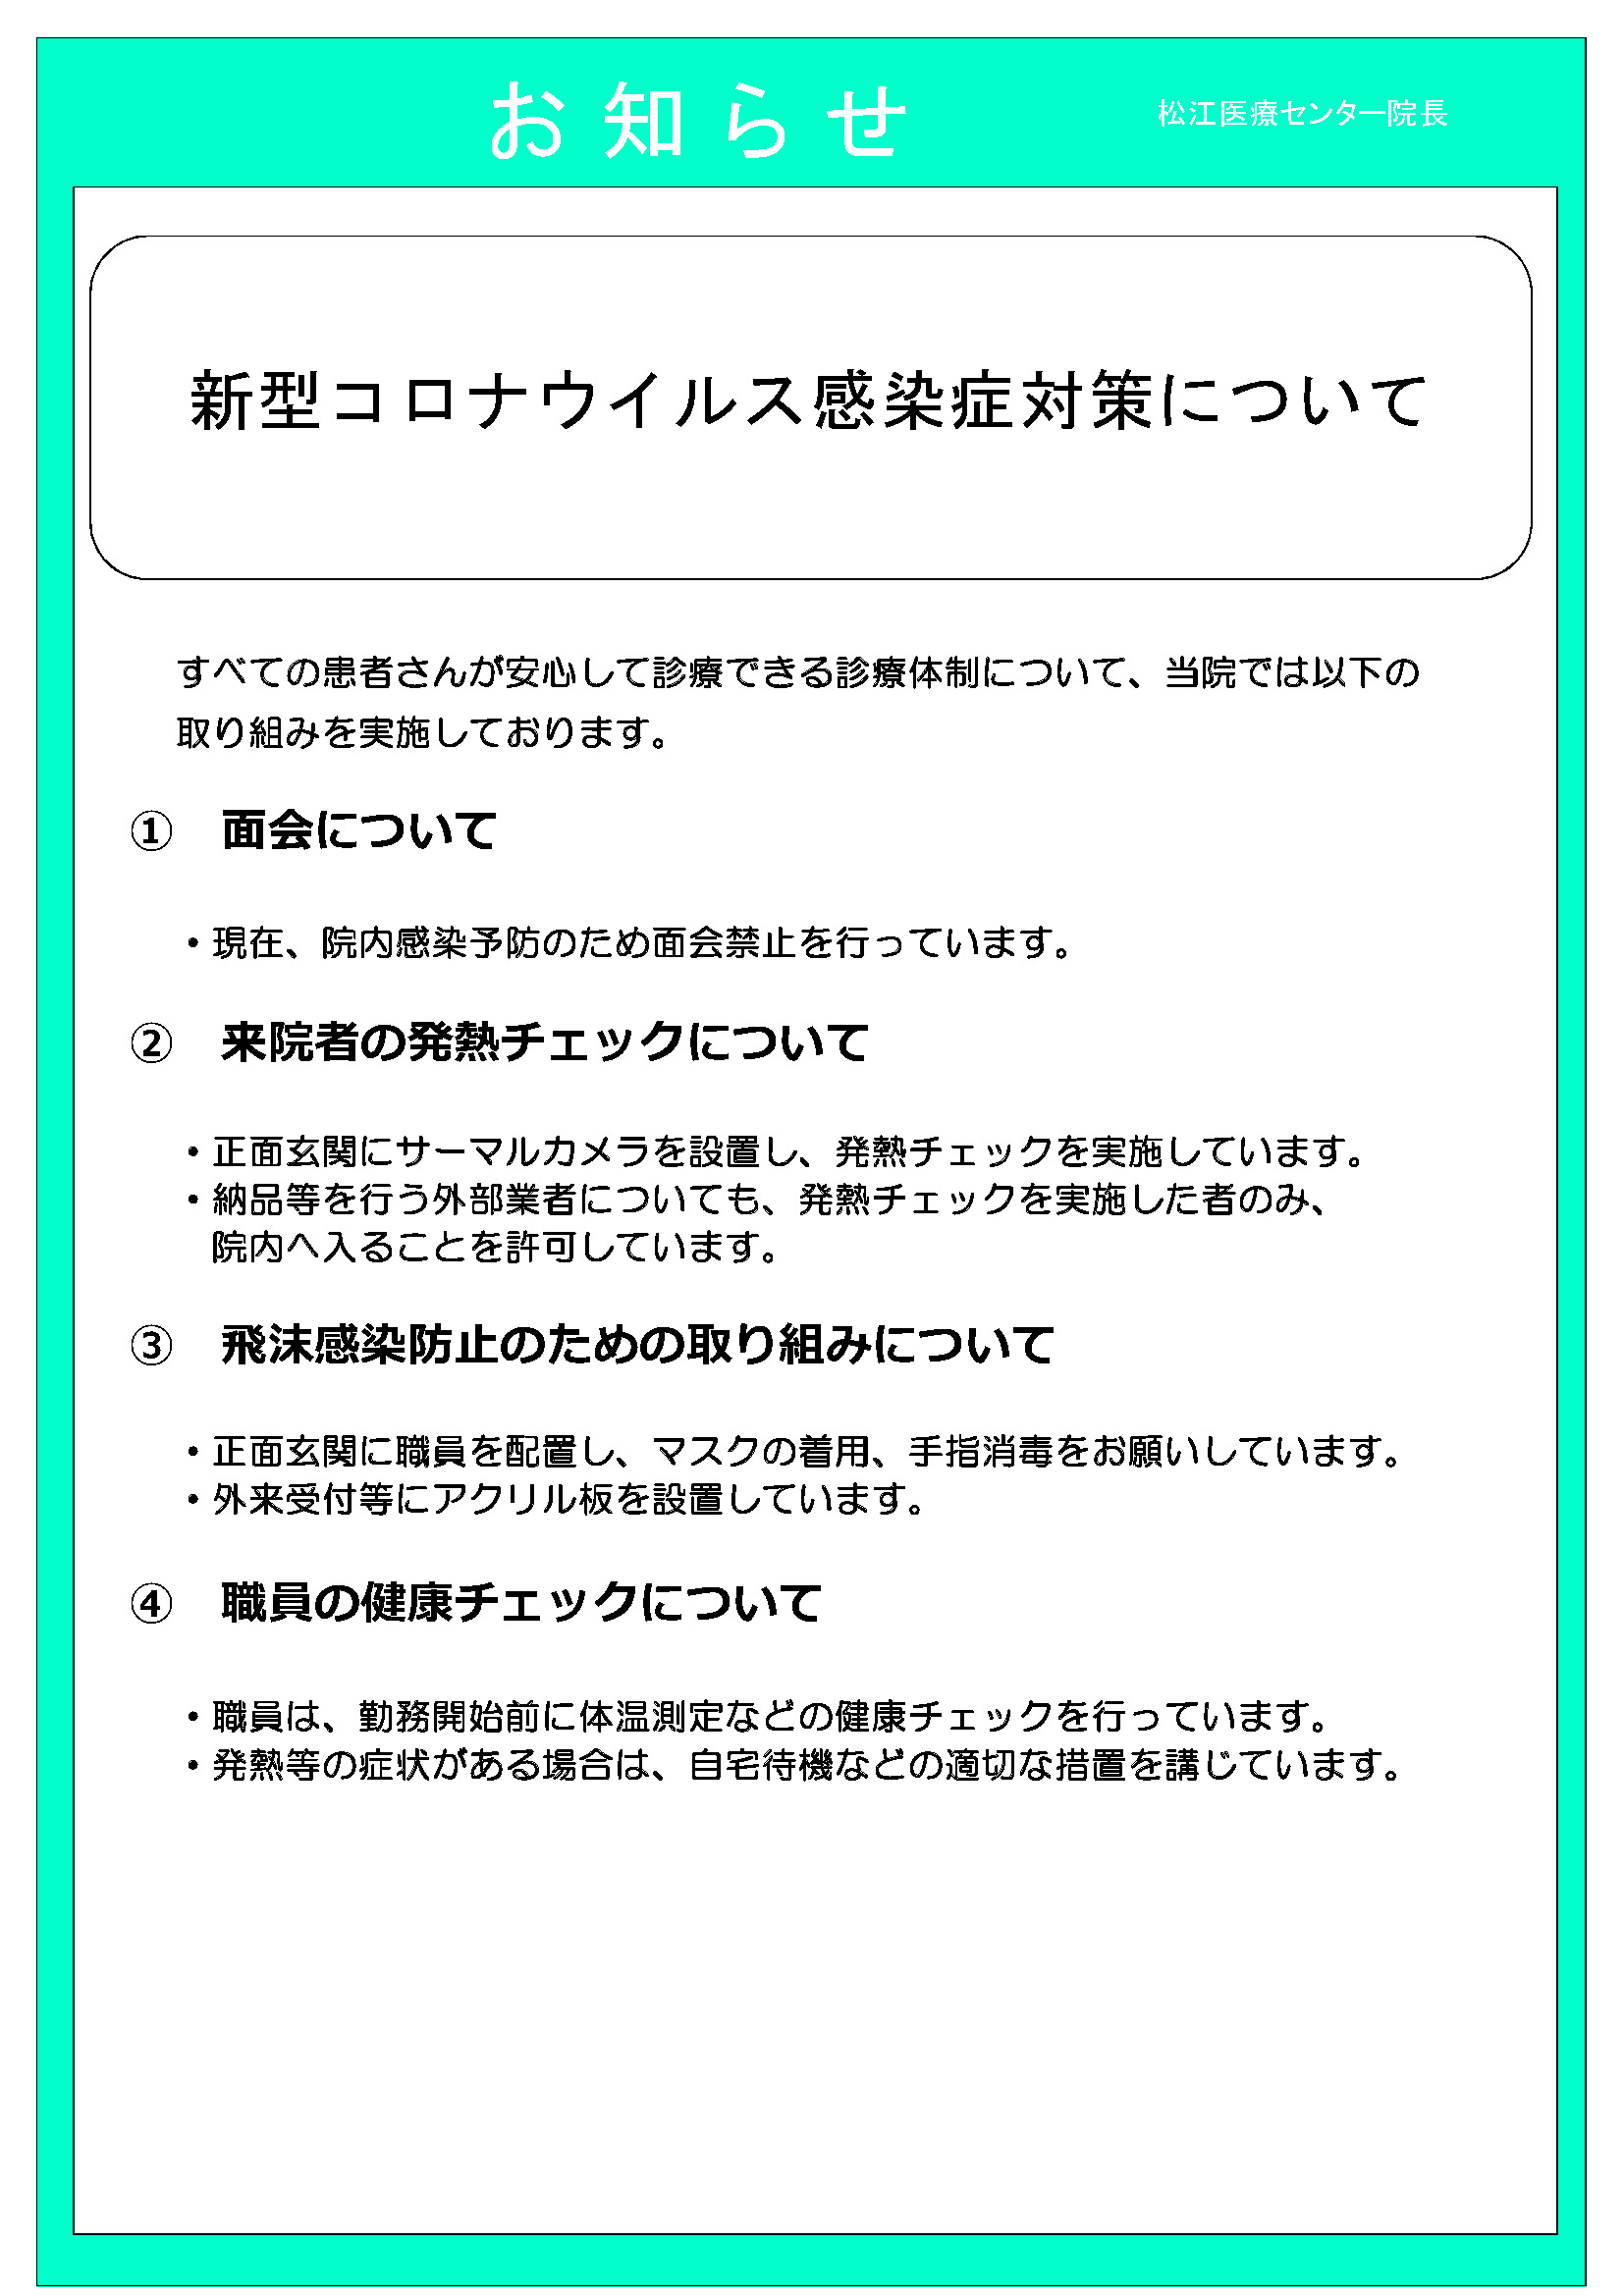 市 者 松江 コロナ 感染